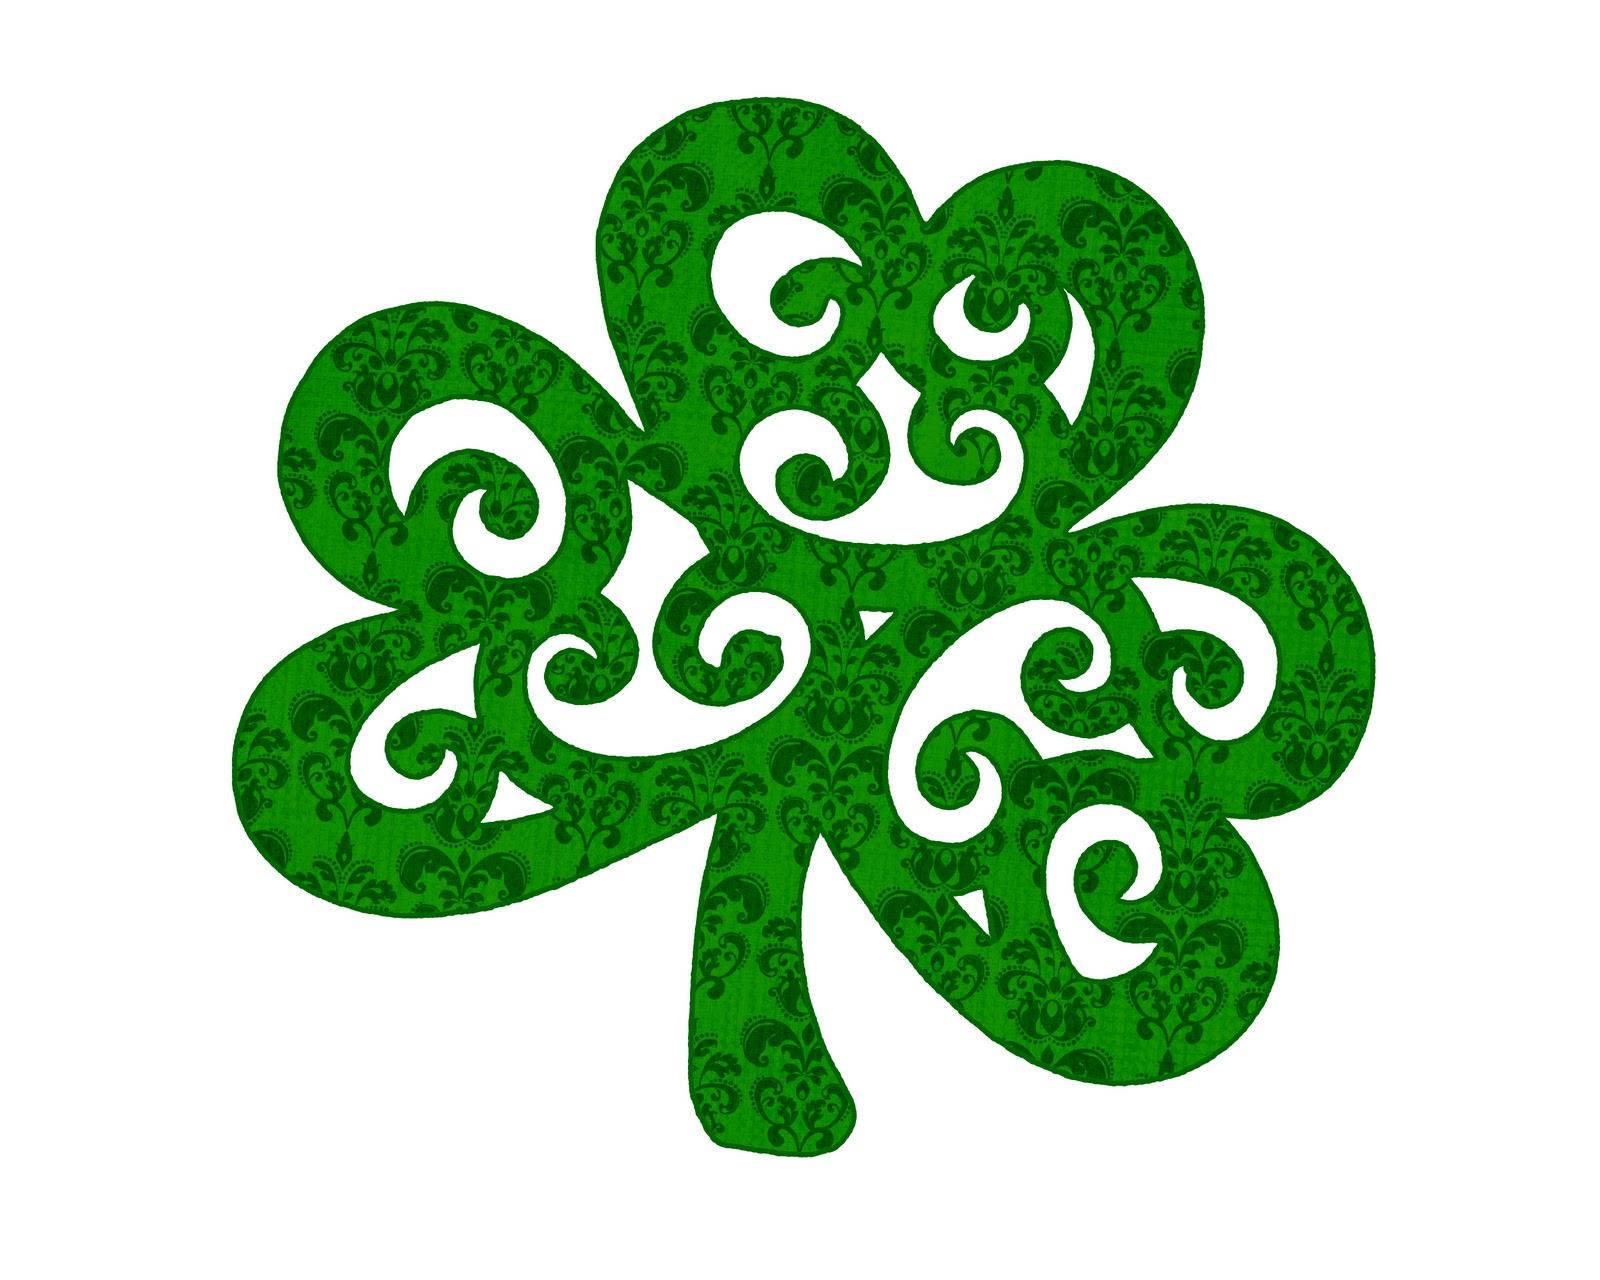 St. Patricku0026#39;s Day-St. Patricku0026#39;s Day-15